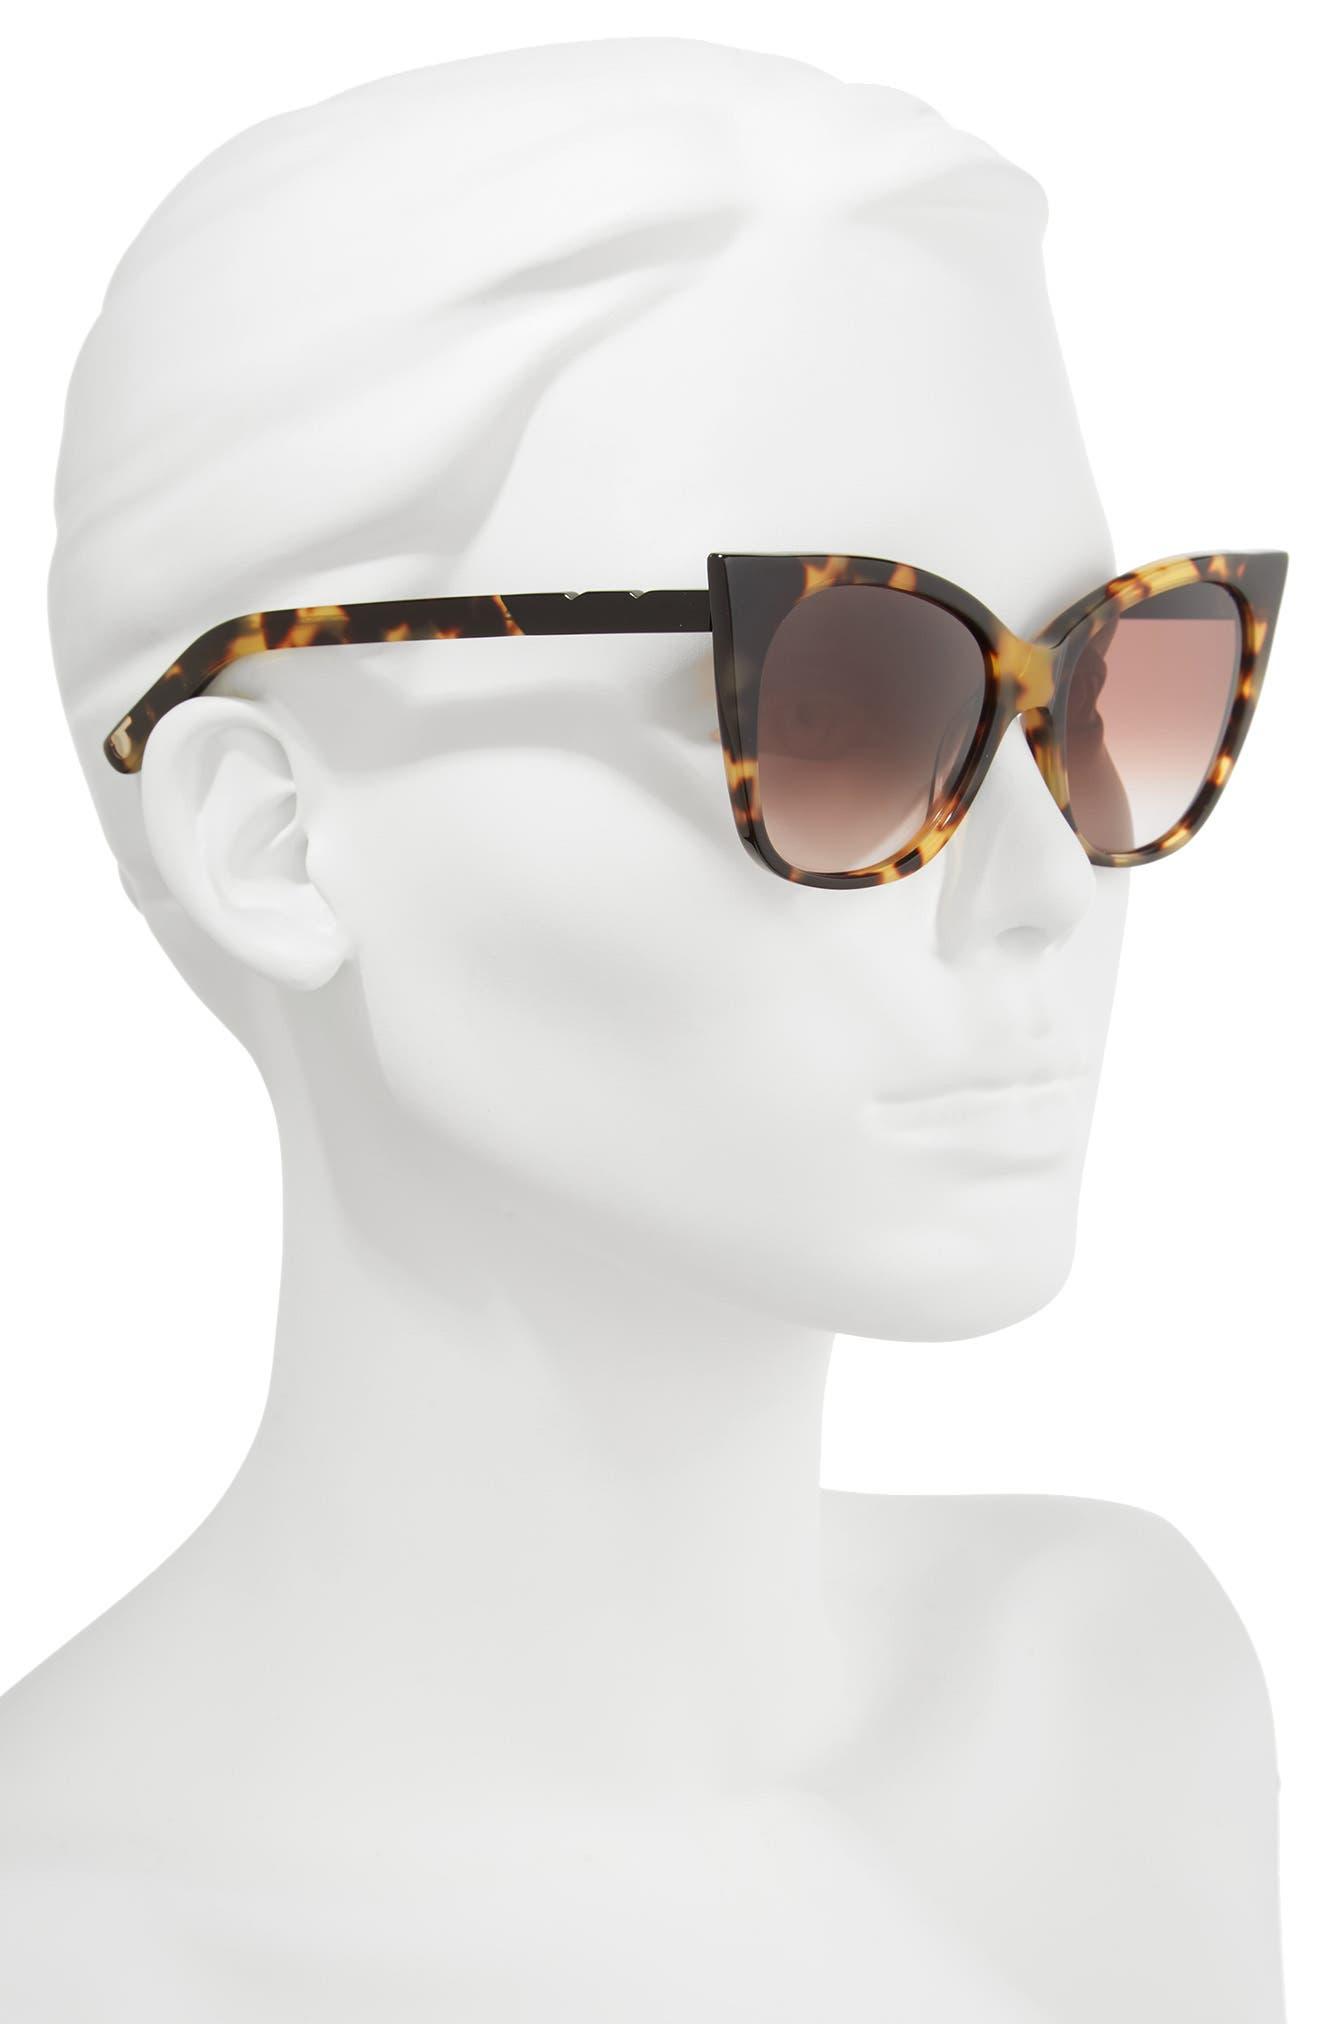 Cat & Mouse 51mm Cat Eye Sunglasses,                             Alternate thumbnail 2, color,                             DARK TORTOISE/ BLACK BROWN